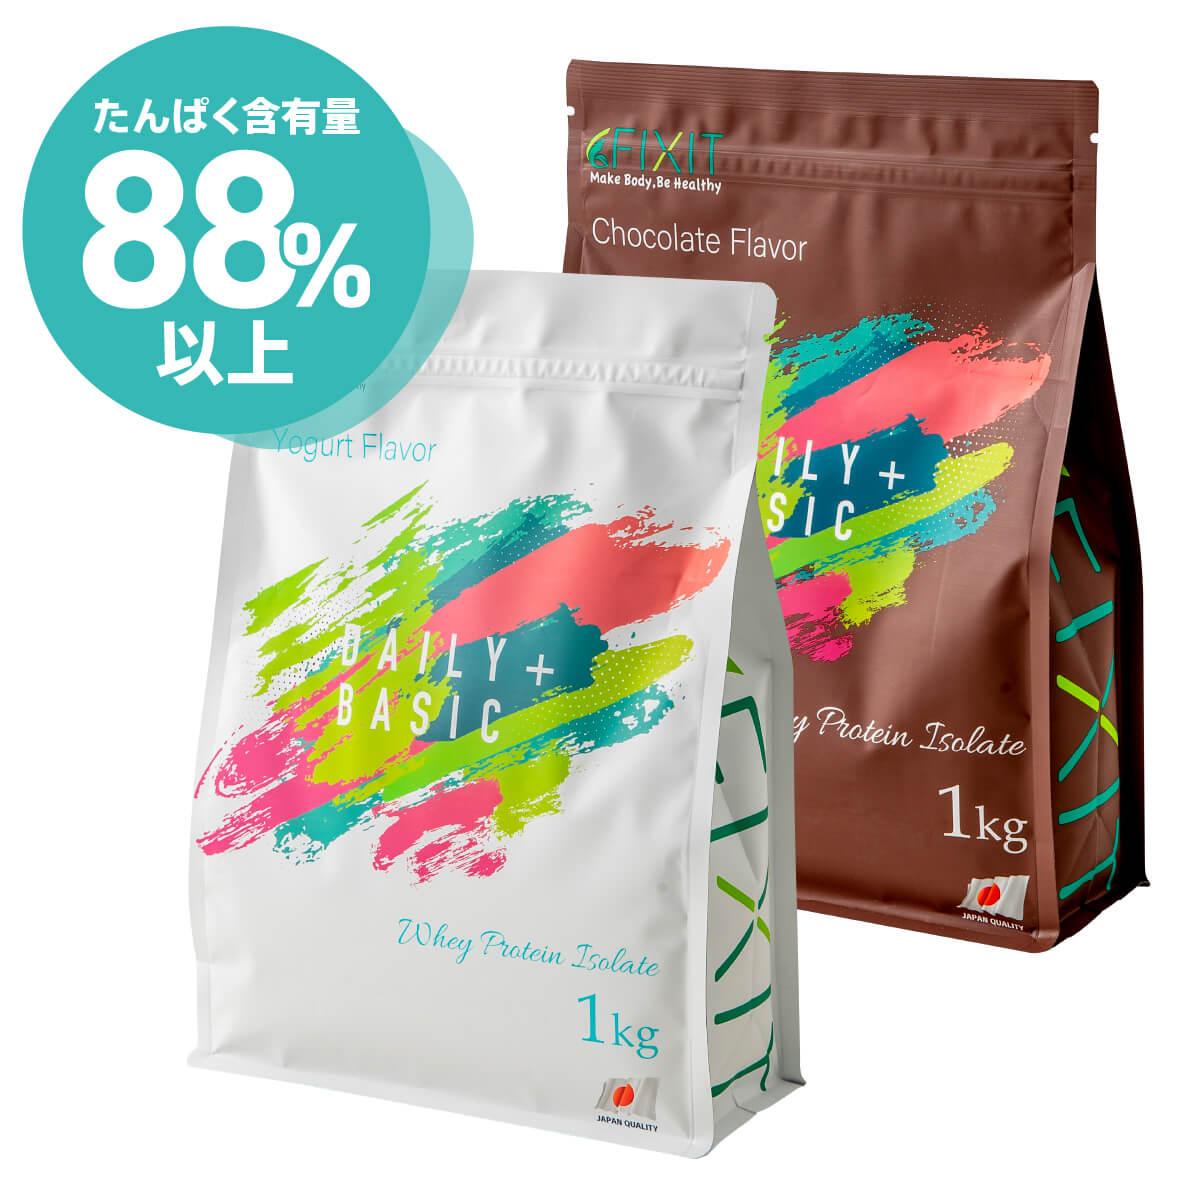 たんぱく質保有量89.8% お得クーポン発行中 より効率的に 美味しく たんぱく質の吸収スピードにこだわる方のハイグレードプロテイン WPI ハイグレード FIXIT プロテイン wpi チョコレート ヨーグルト 1kg 低糖質 低脂質 高タンパク ホエイプロテイン ボディメイク 誕生日プレゼント サプリメント 女性 飲料 顆粒 筋トレ ダイエット に ホエイ100 ホエイ 減量 アイソレート ケト whey 男性